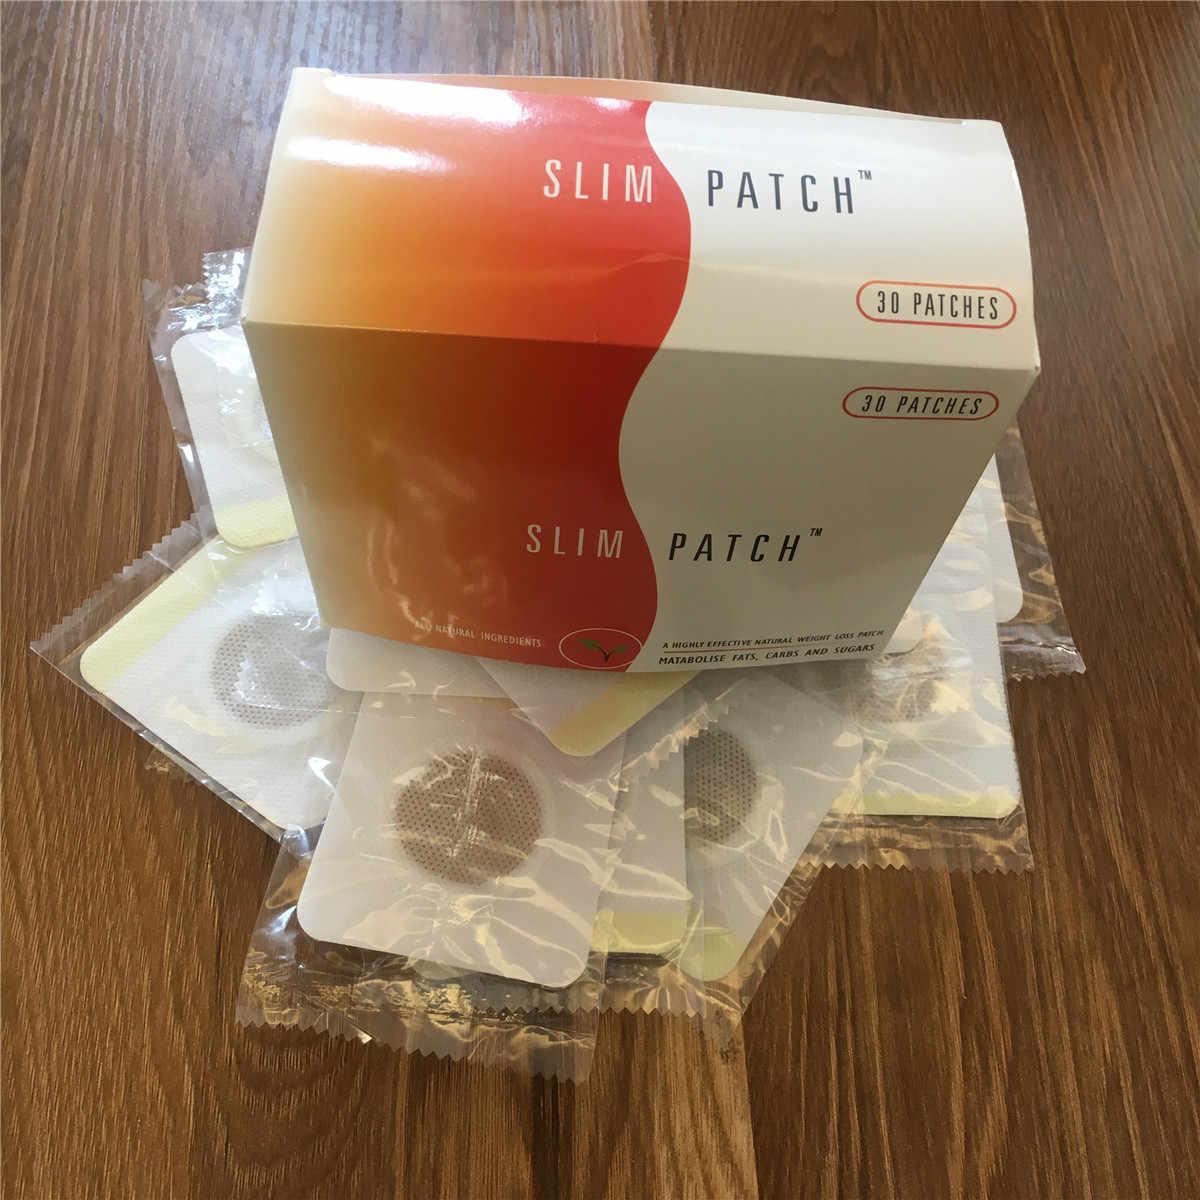 30pcs Slim Patch กระเพาะอาหารไขมัน Burning สลิมมิ่งลดน้ำหนัก Burn ไขมันป้องกันเซลลูไลท์ครีม Parches Adesivo Emagrecedor